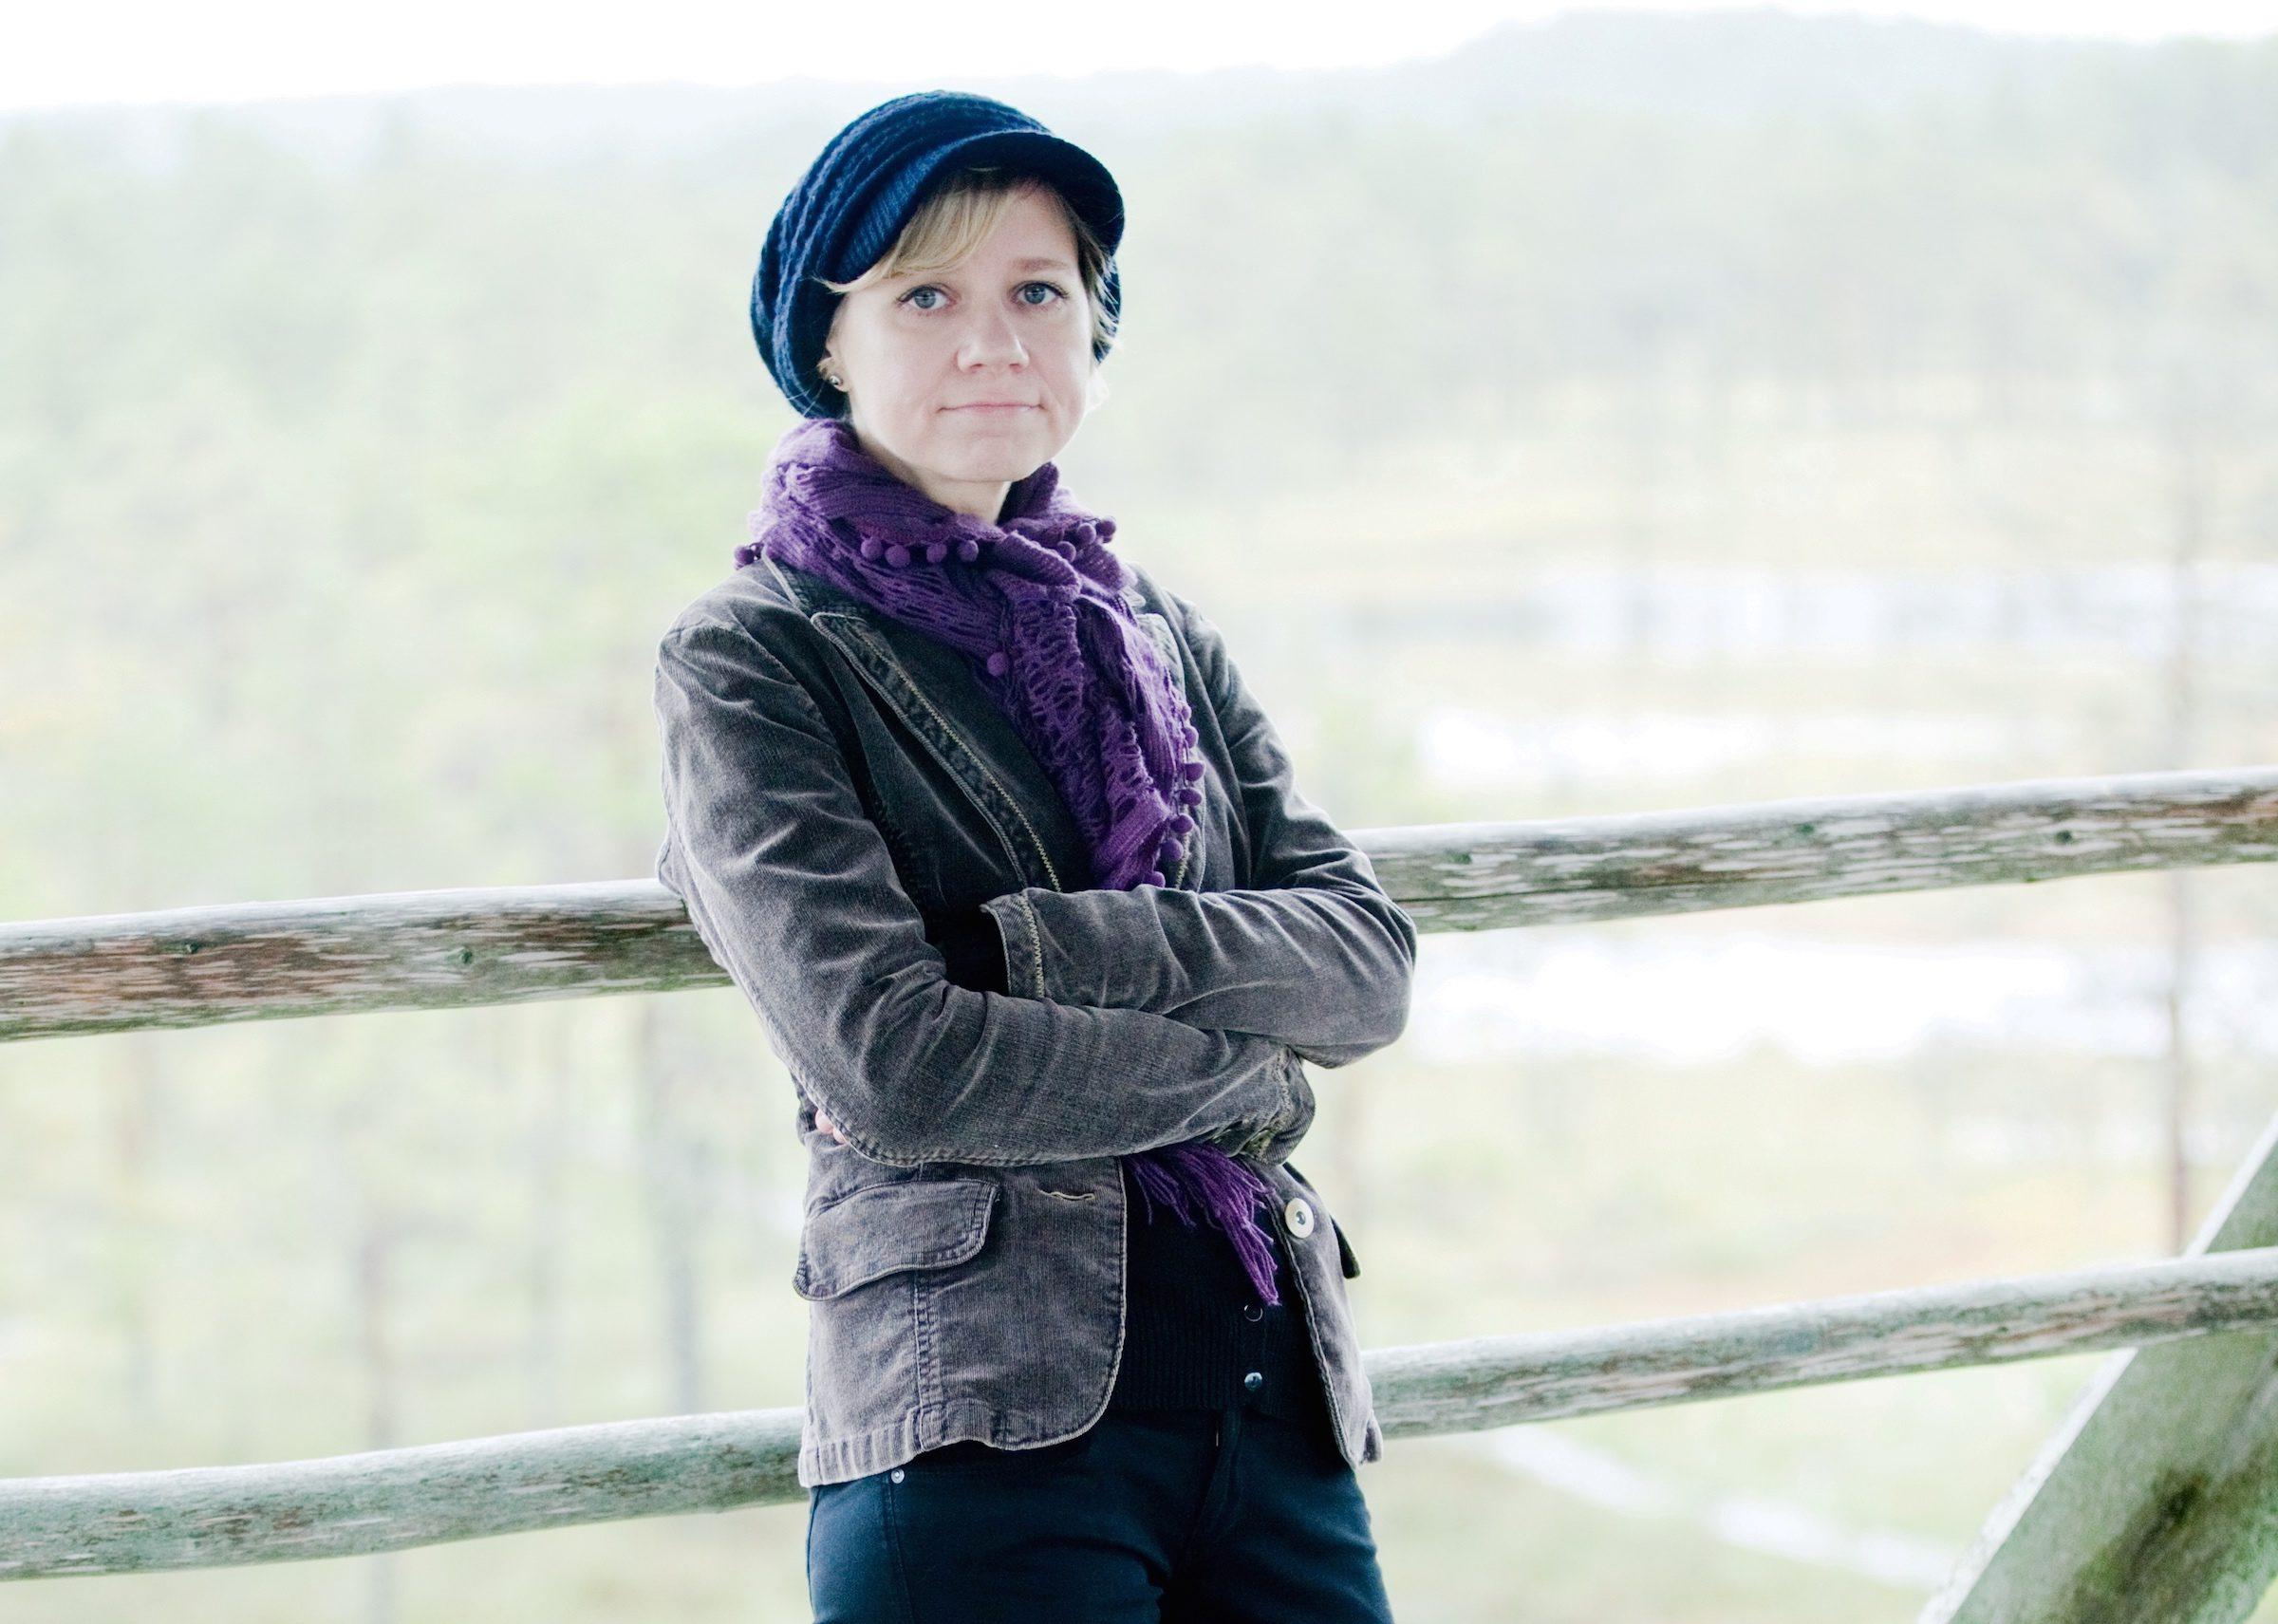 Kuvassa virolainen lastenkirjailija Piret Raud